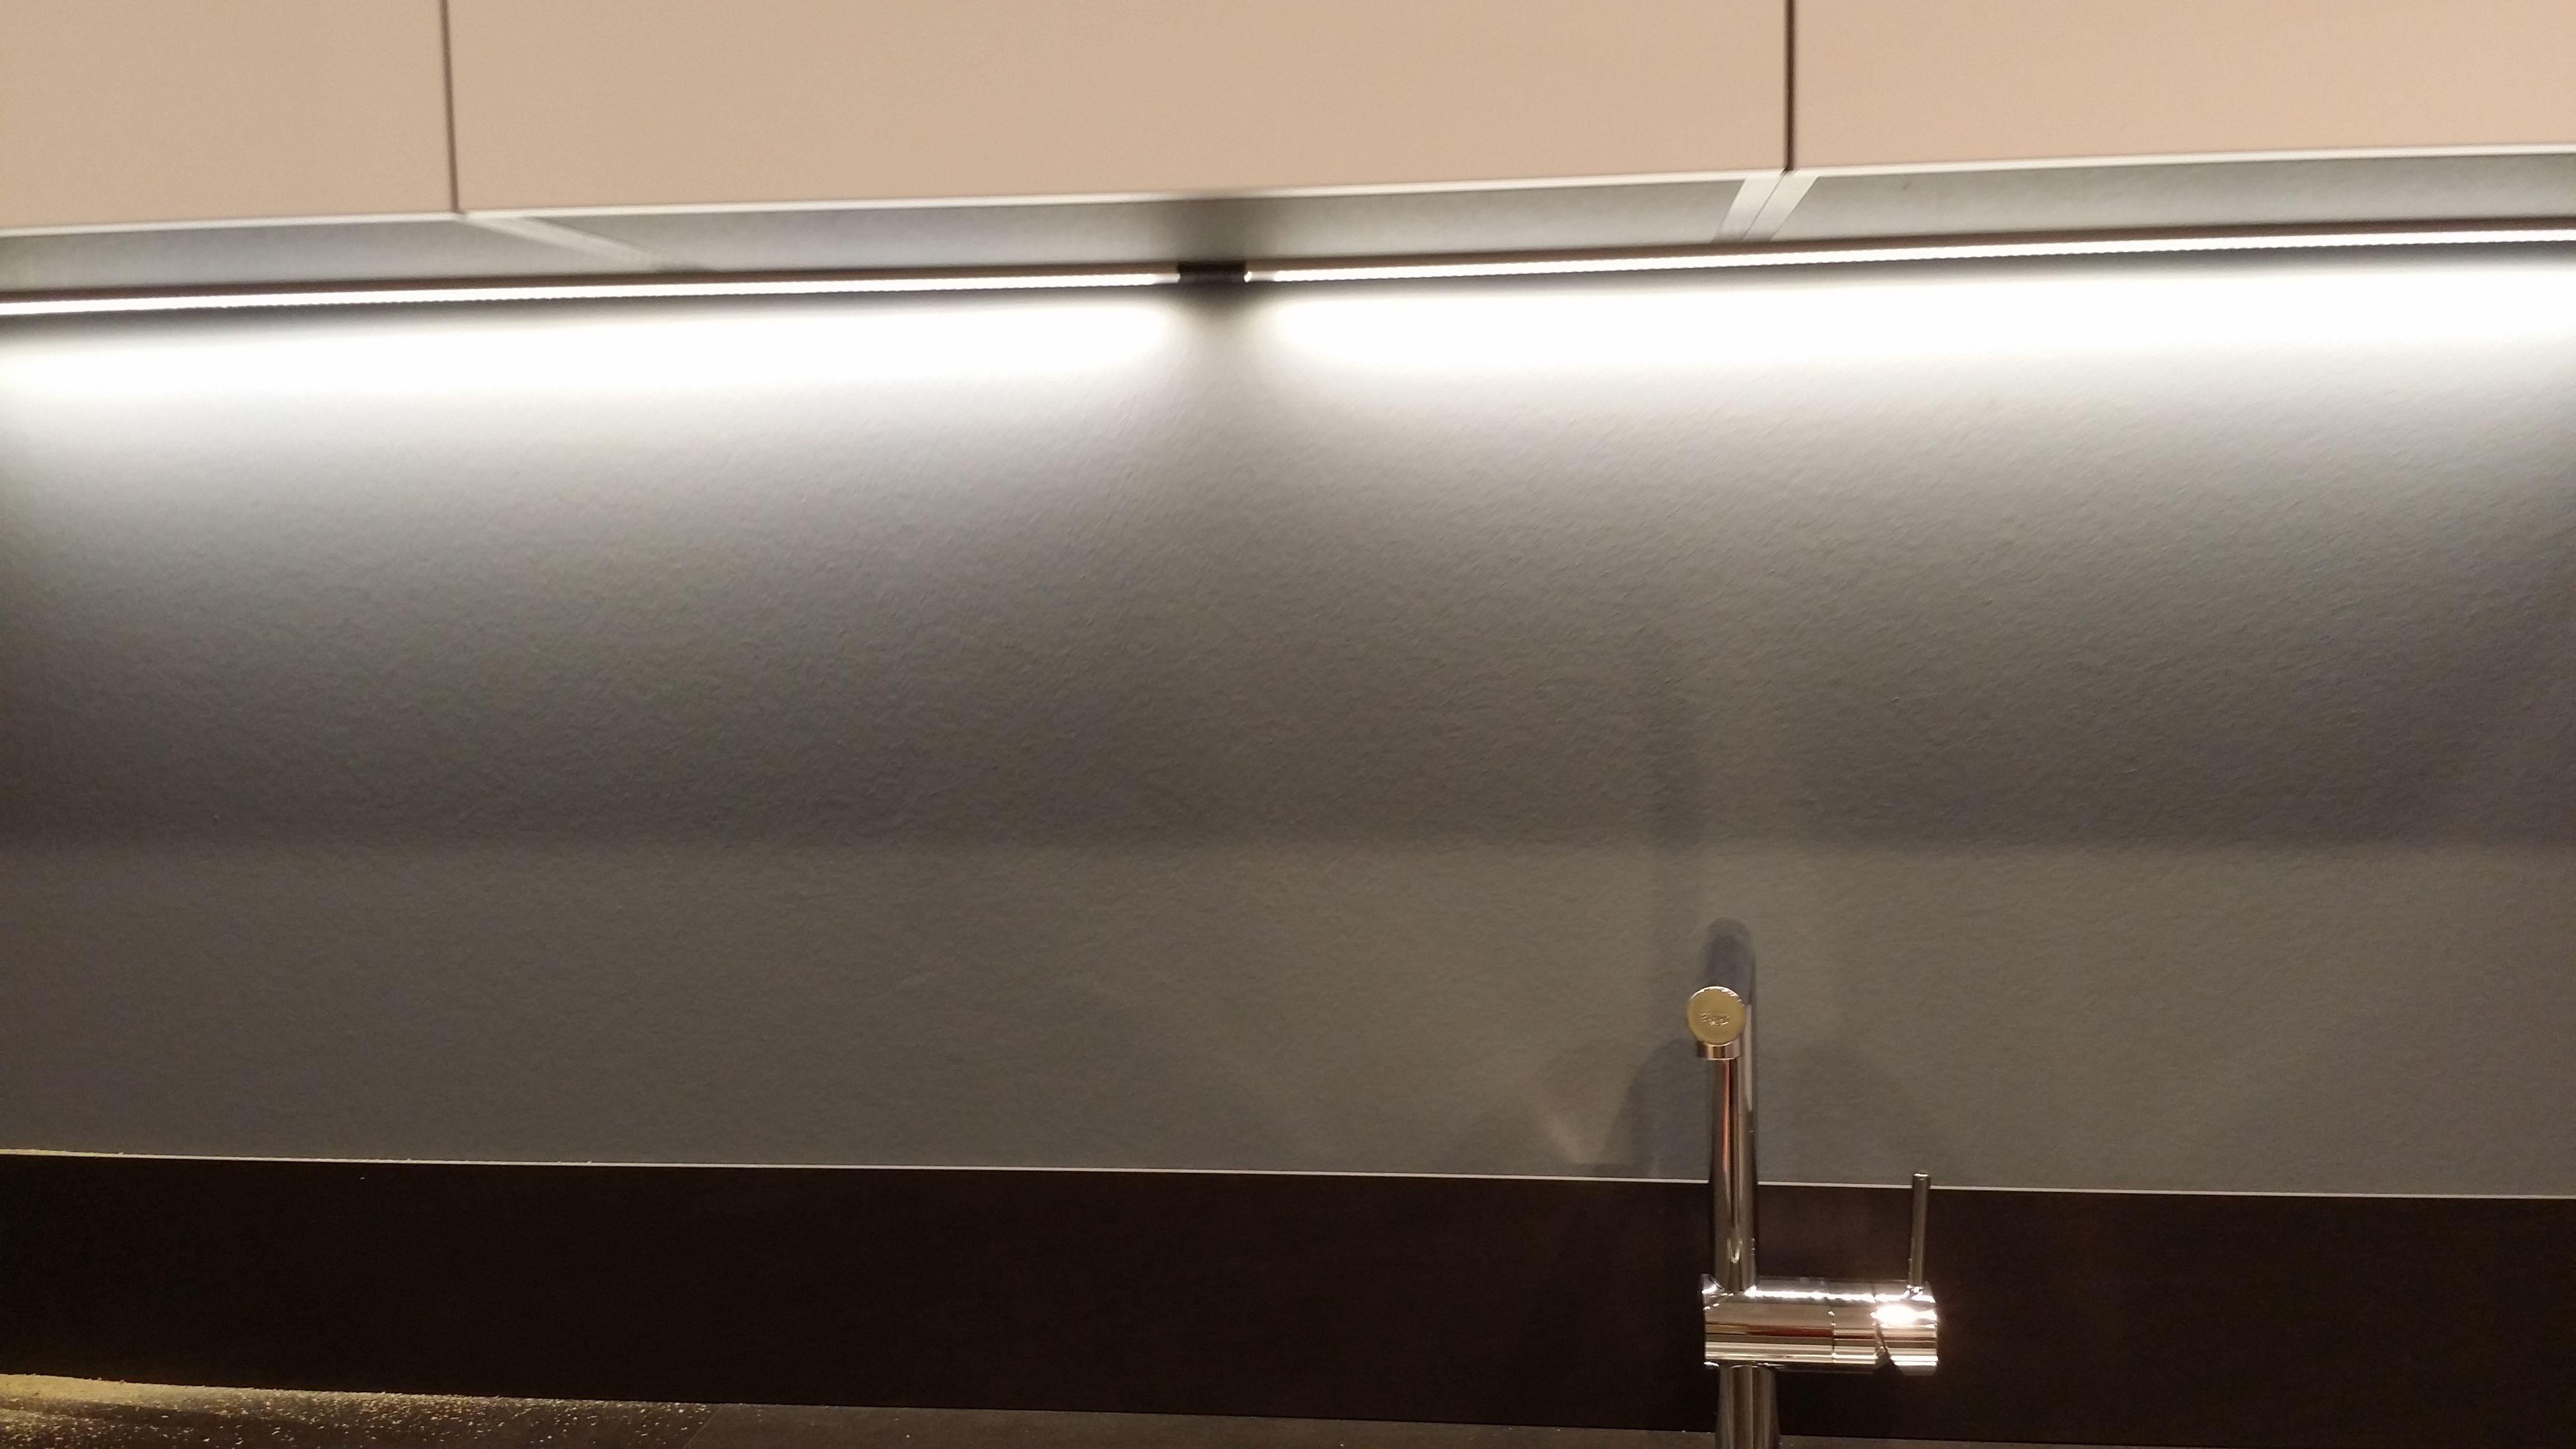 LED Bar in Kitchen http://www.led-verlichting.org/tl-vervanger-led ...